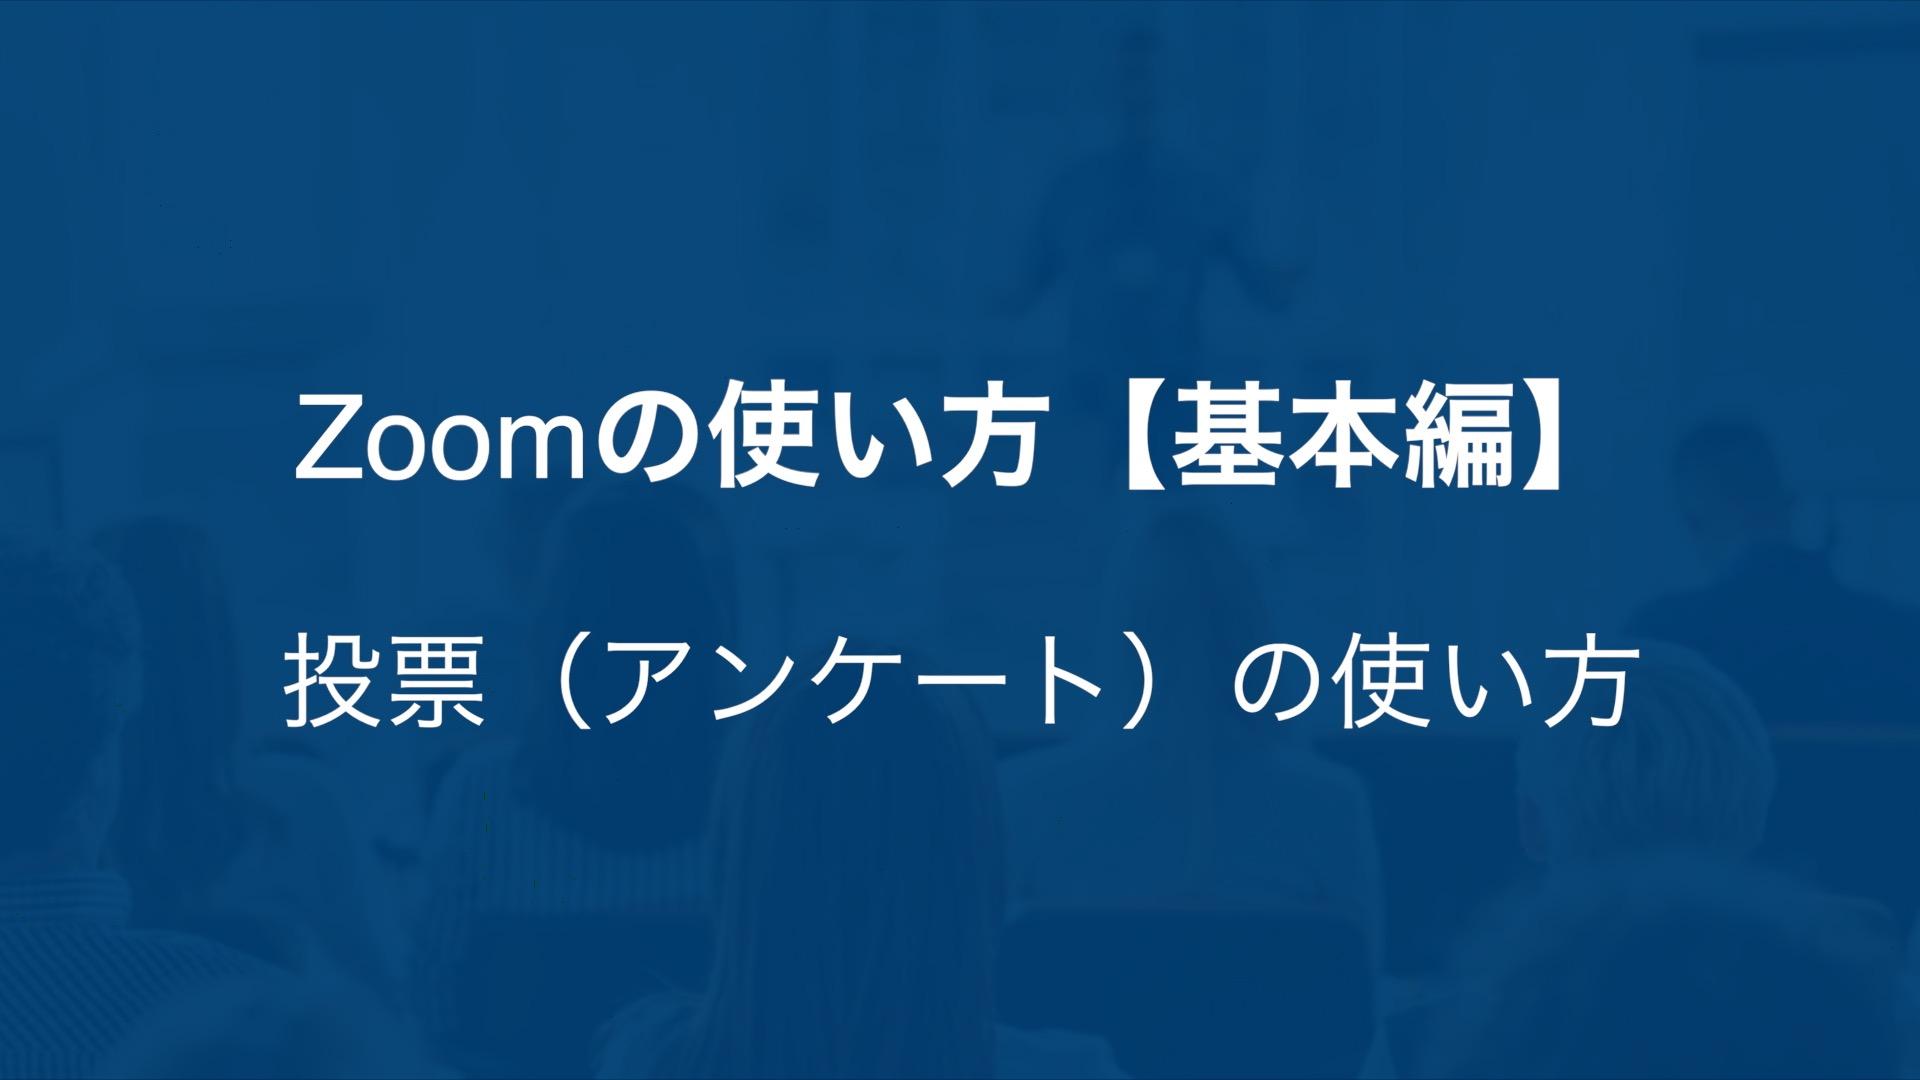 マニュアル Zoom Zoom日本語クイックマニュアル(PCユーザー用)